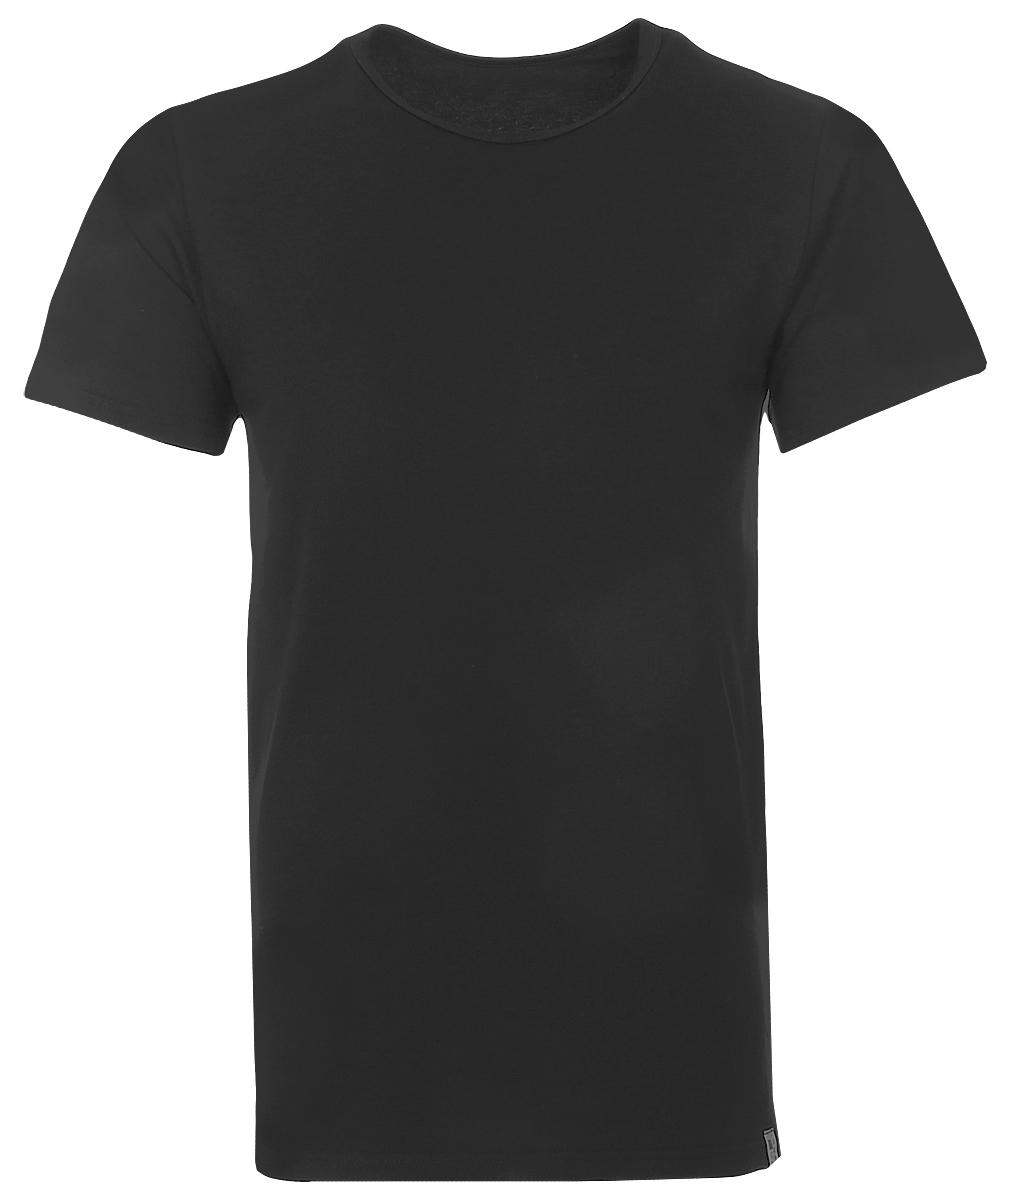 Футболка мужская Griff, цвет: черный. U01321. Размер XXXL (54) griff s1 3w